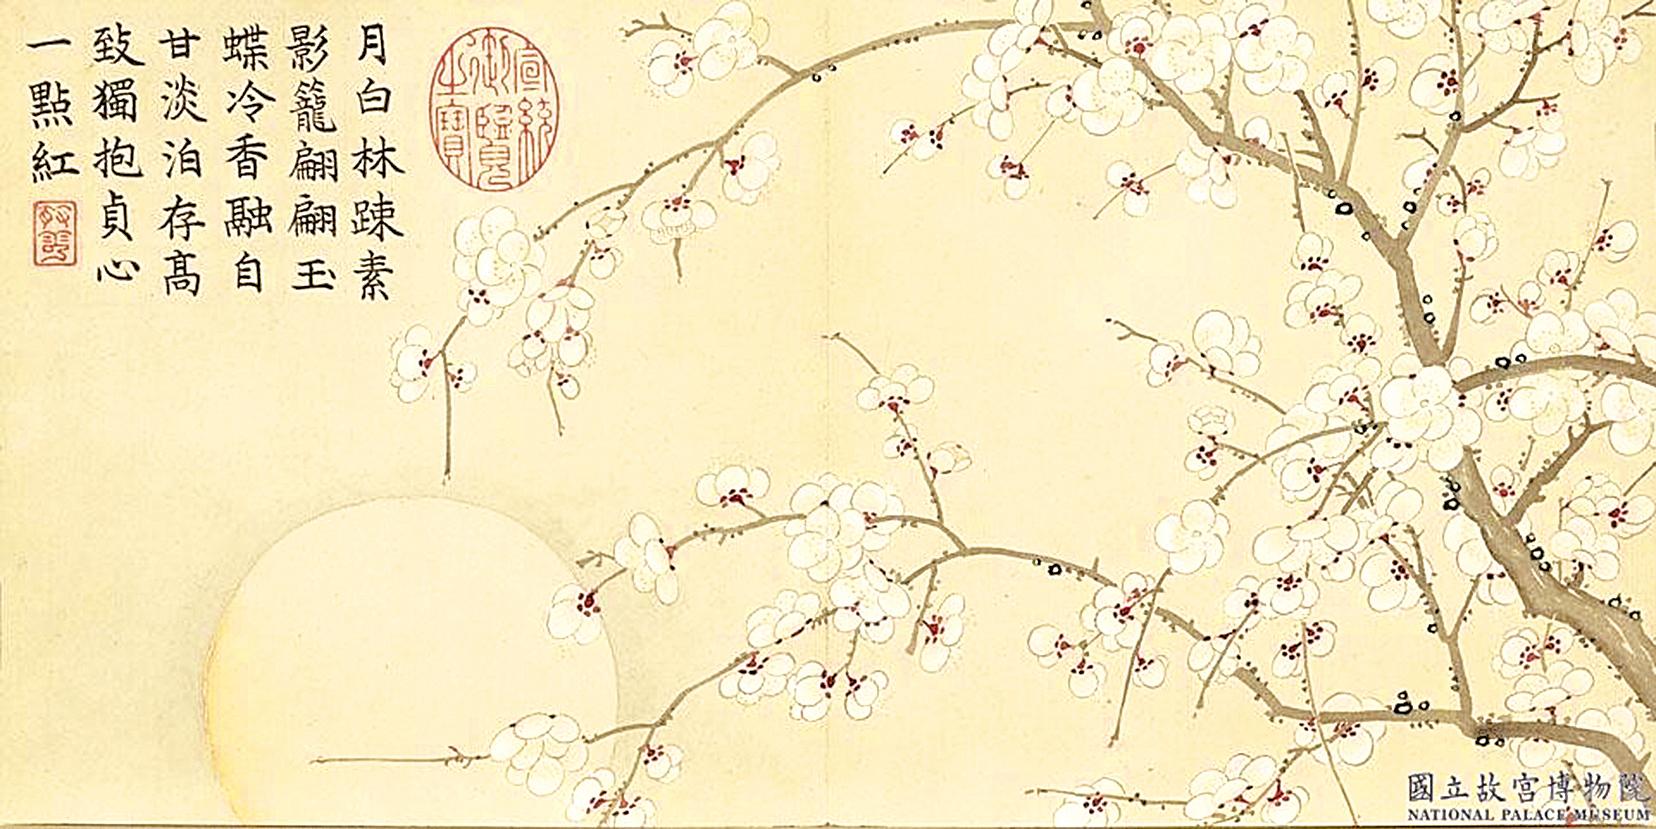 韓翁從廢紙堆中撿到一個本子,上面寫道:「如果需要錢用,就到梅花樹下。」圖為清 董誥《月映梅花》,台北國立故宮博物院藏。(公有領域)